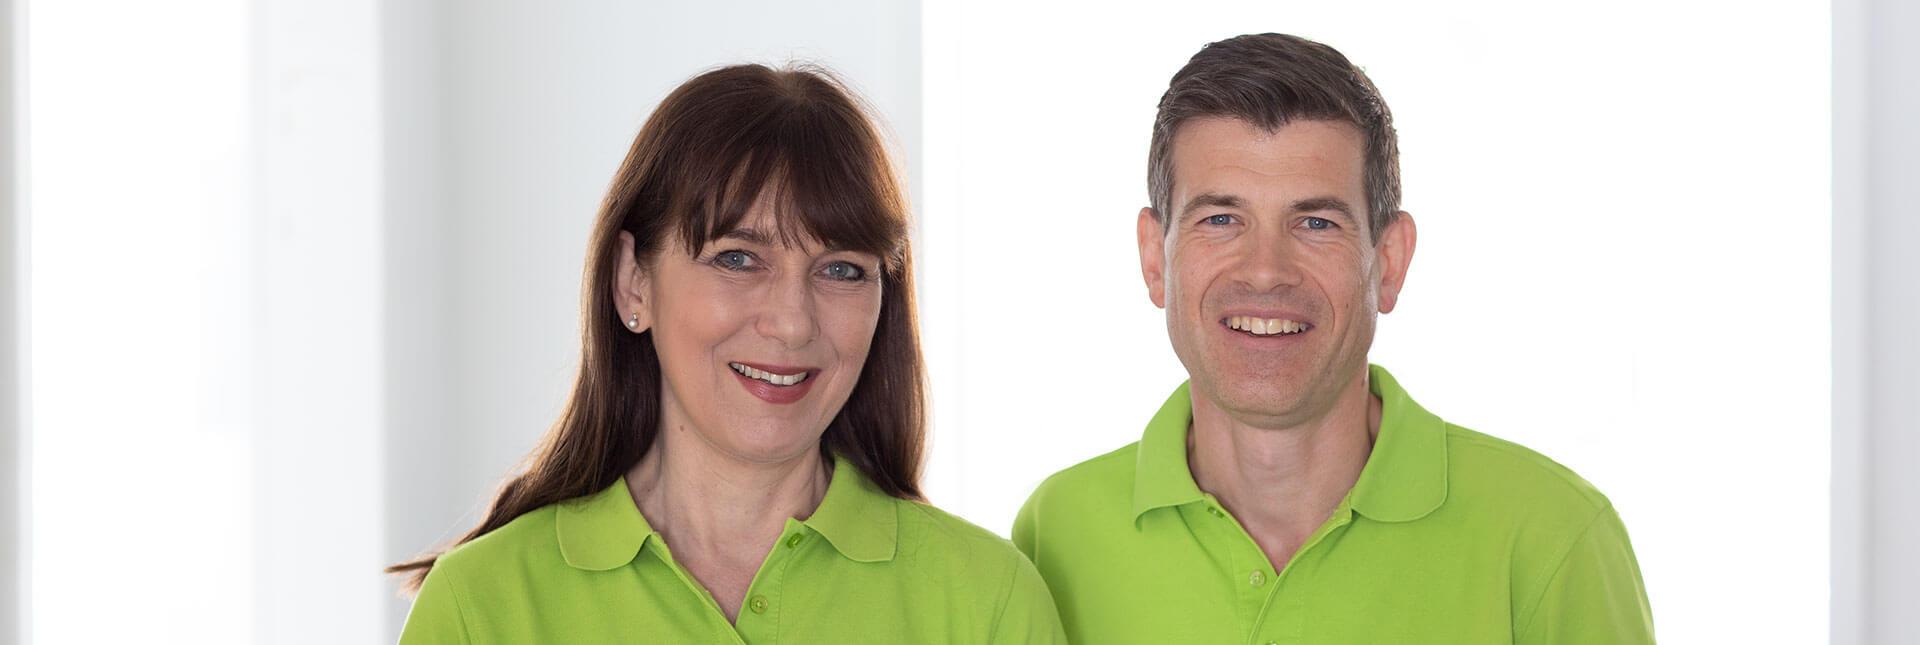 Augenärzte Sindelfingen – Dr. Gudrun Kemmerling und Dr. Stephan Eckert